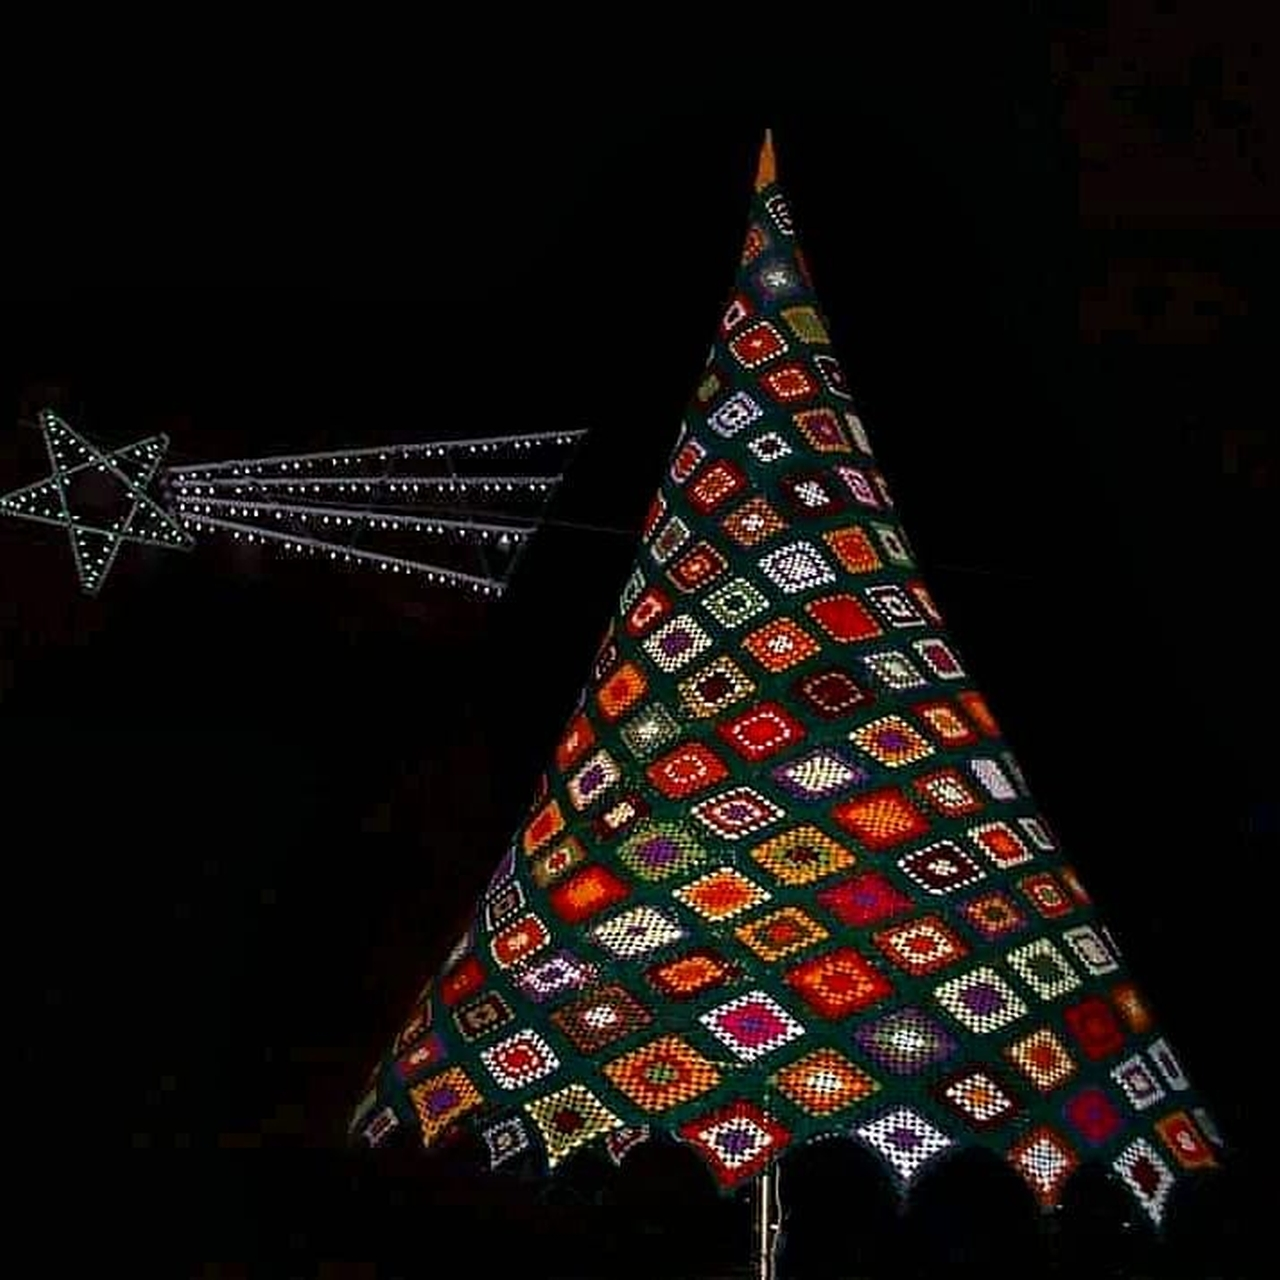 albero di Natale e stella fatto all'uncinetto, Bocale (Reggio Calabria) - foto di Pasquale Campolo